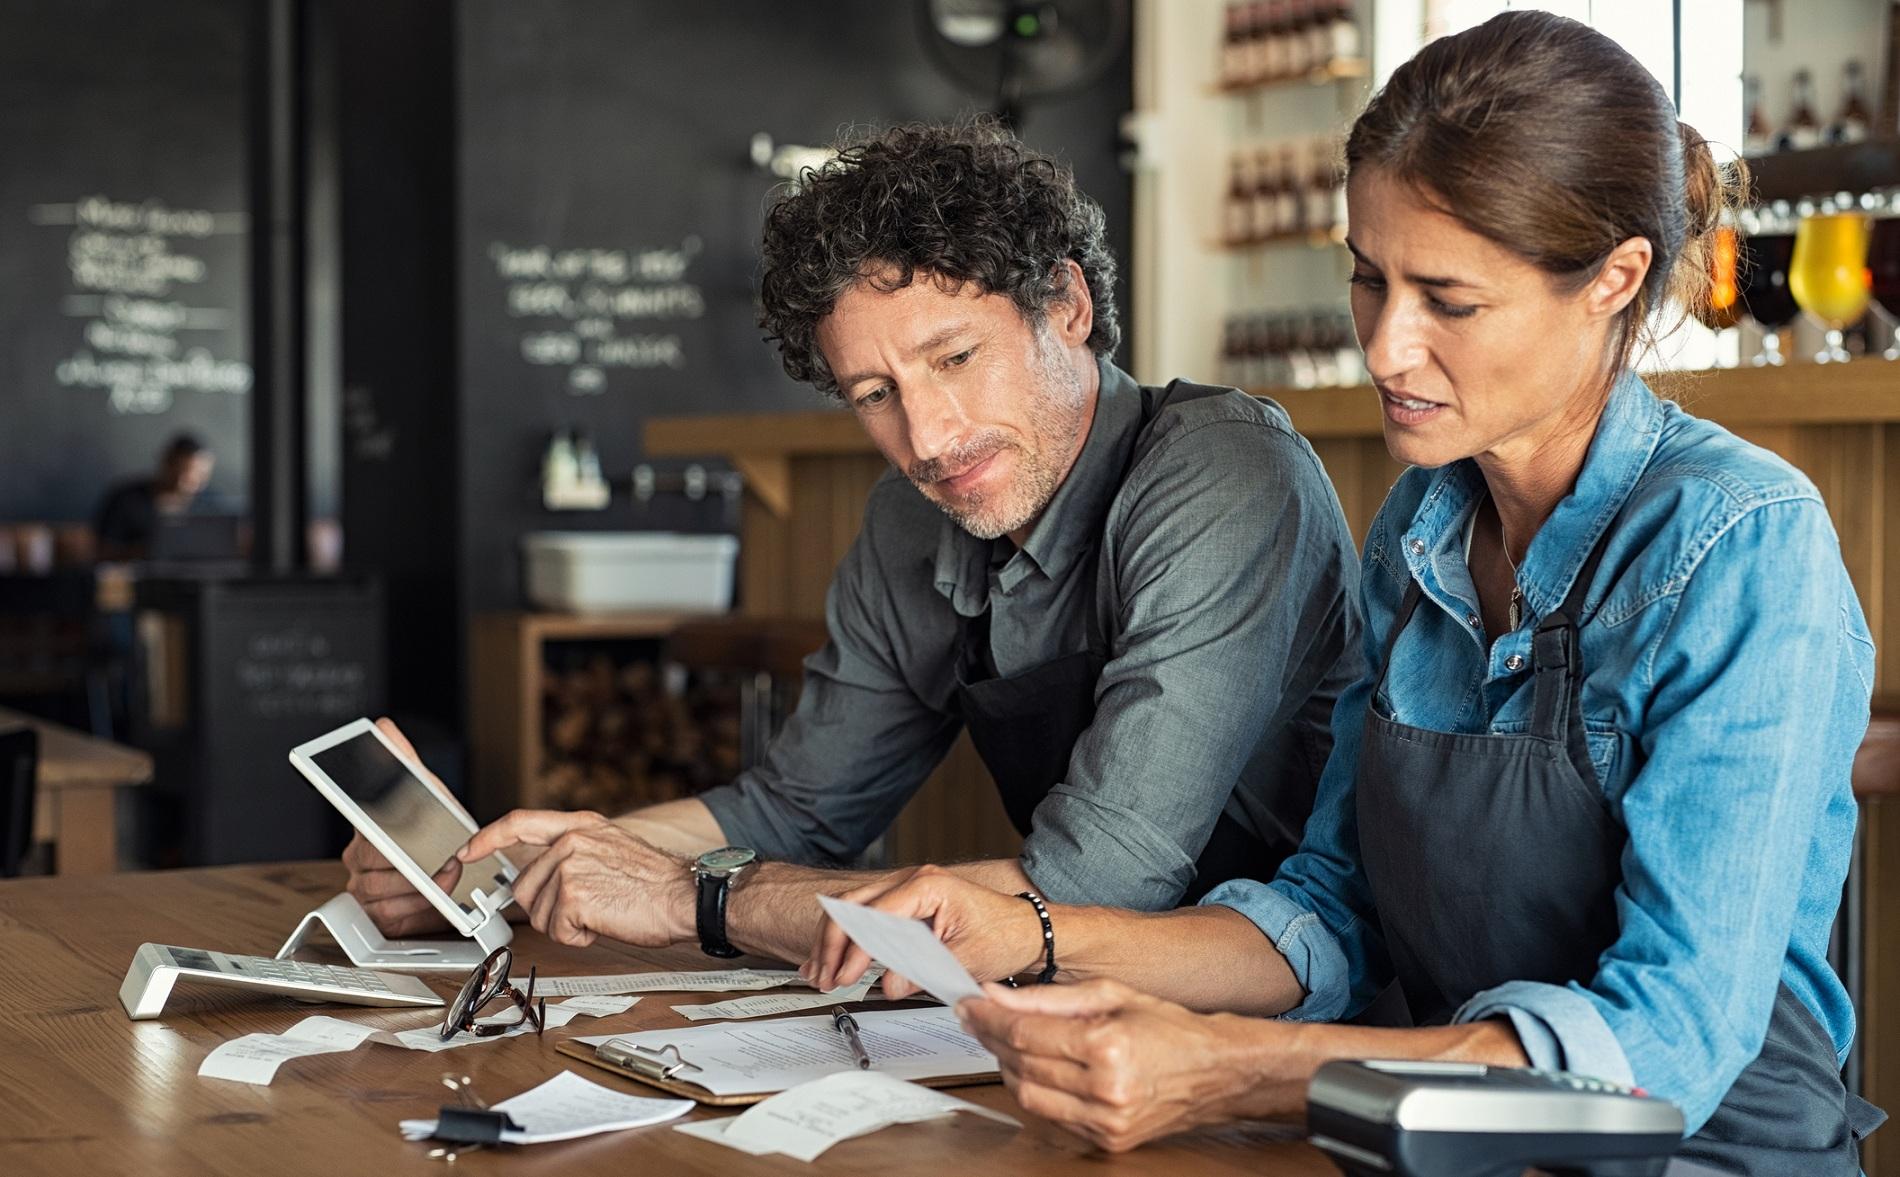 Emergencia de emprendedores y Pymes: presentaron proyecto de Ley de reactivación económica y laboral.